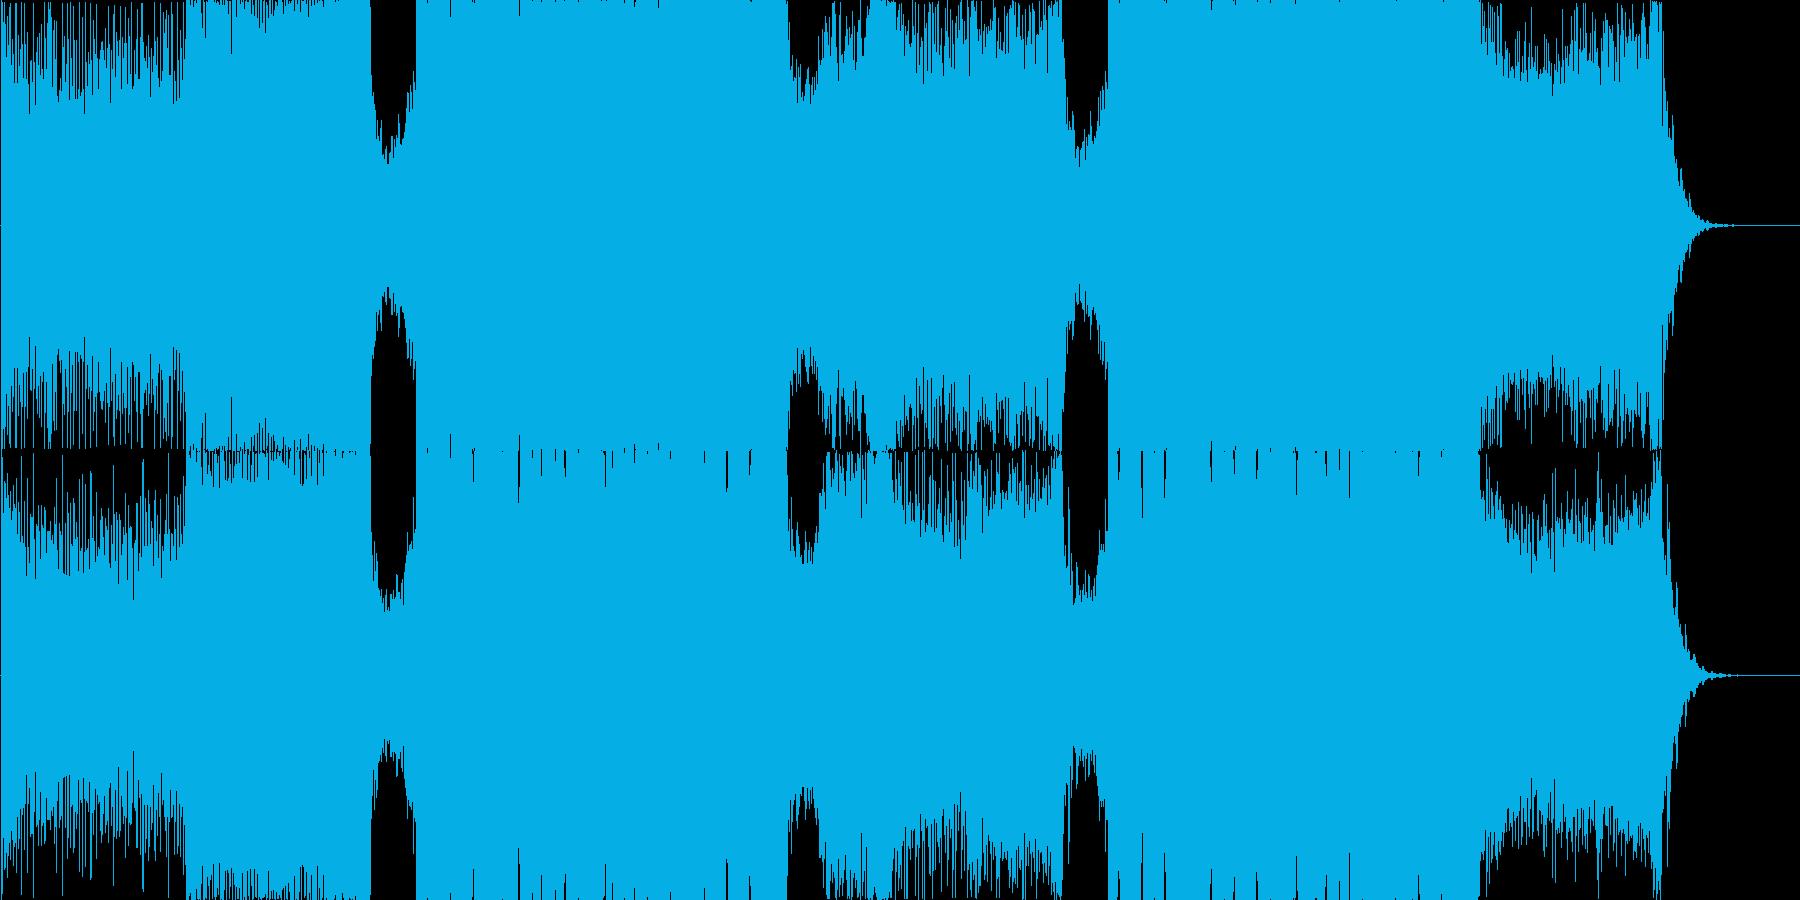 エレクト音頭 / EDM・エレクトロの再生済みの波形